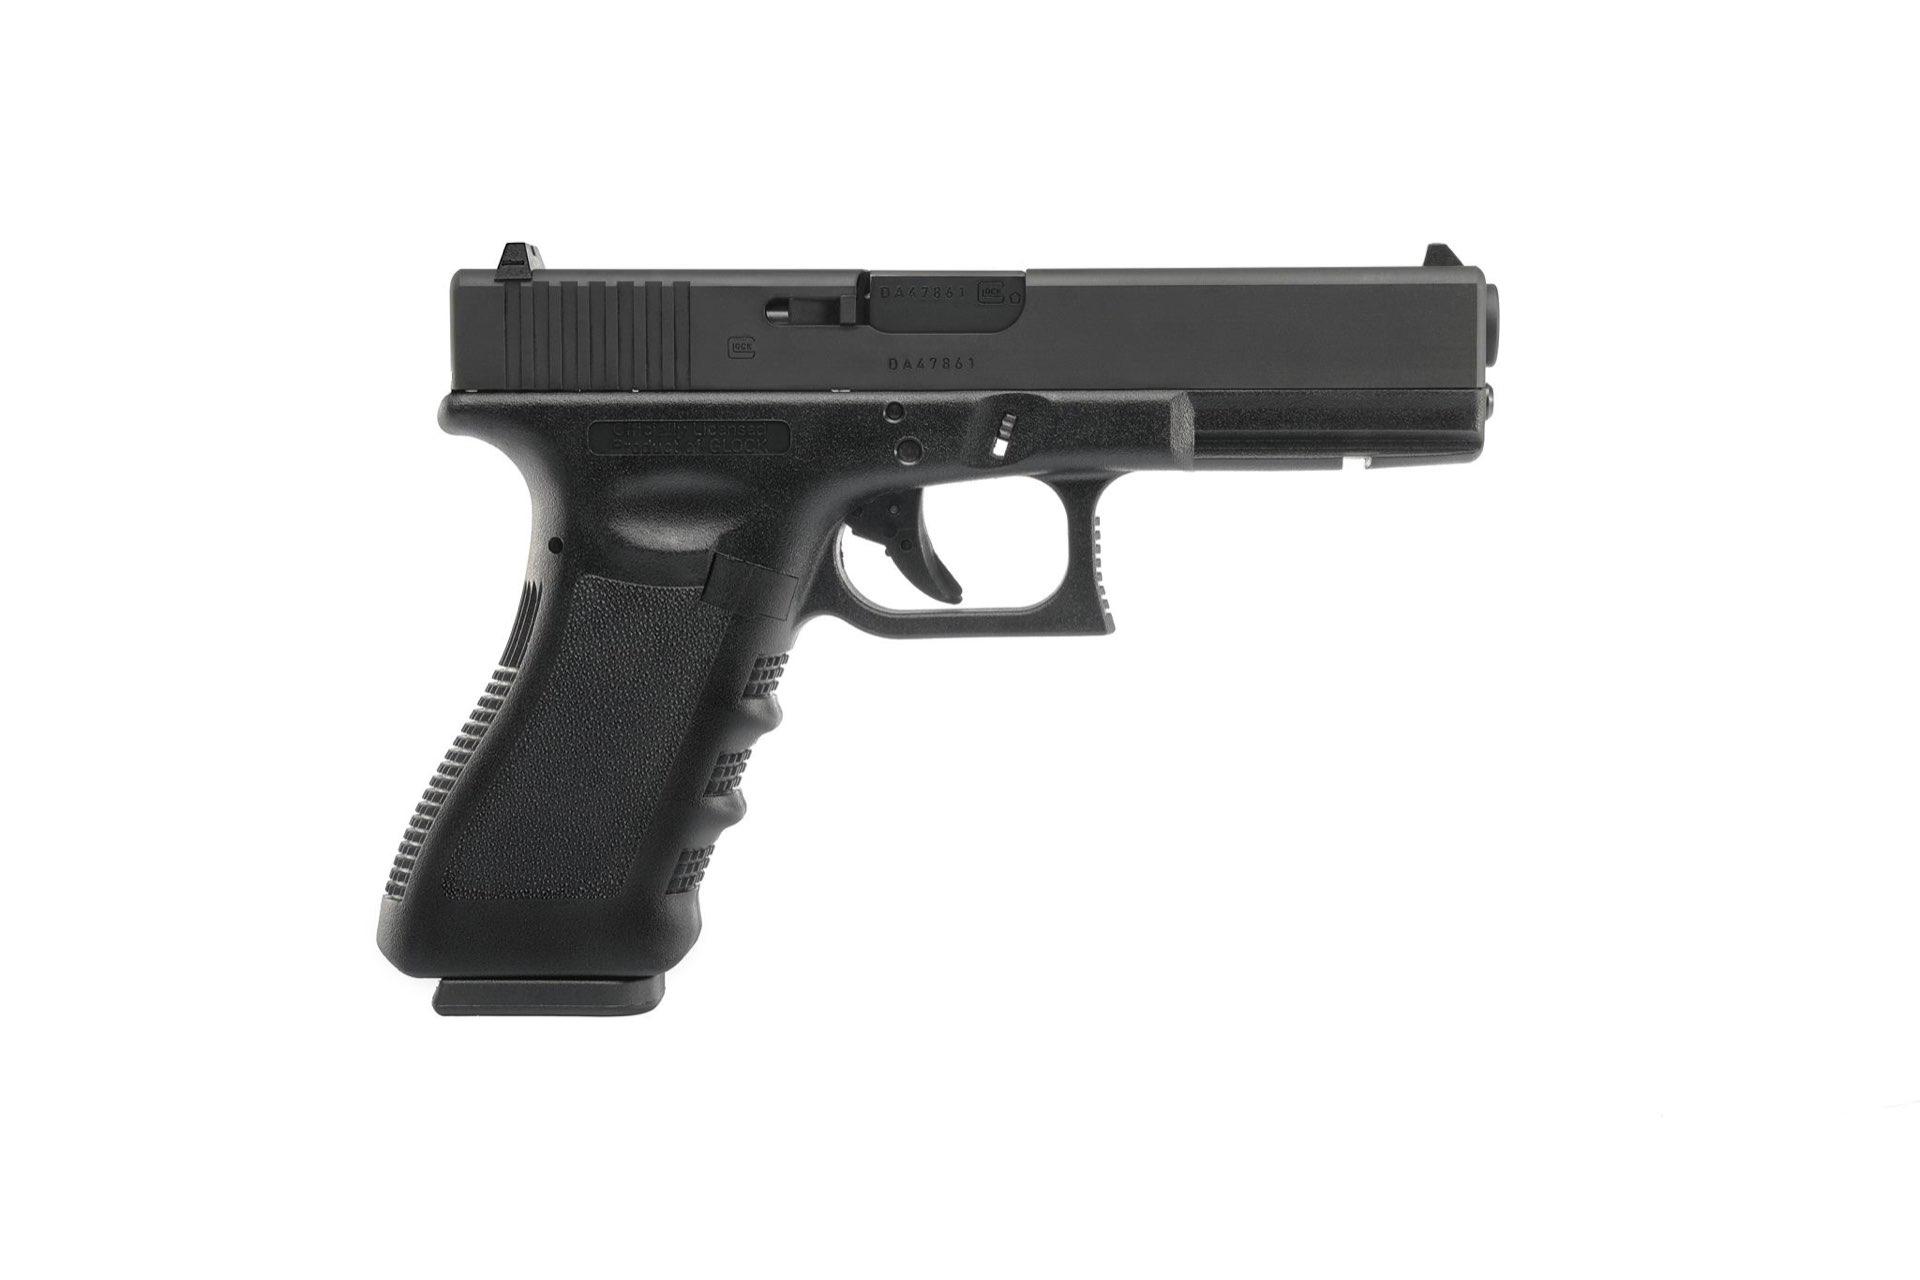 GHK Umarex Glock 17 Gen 3 GBB (z prawej)